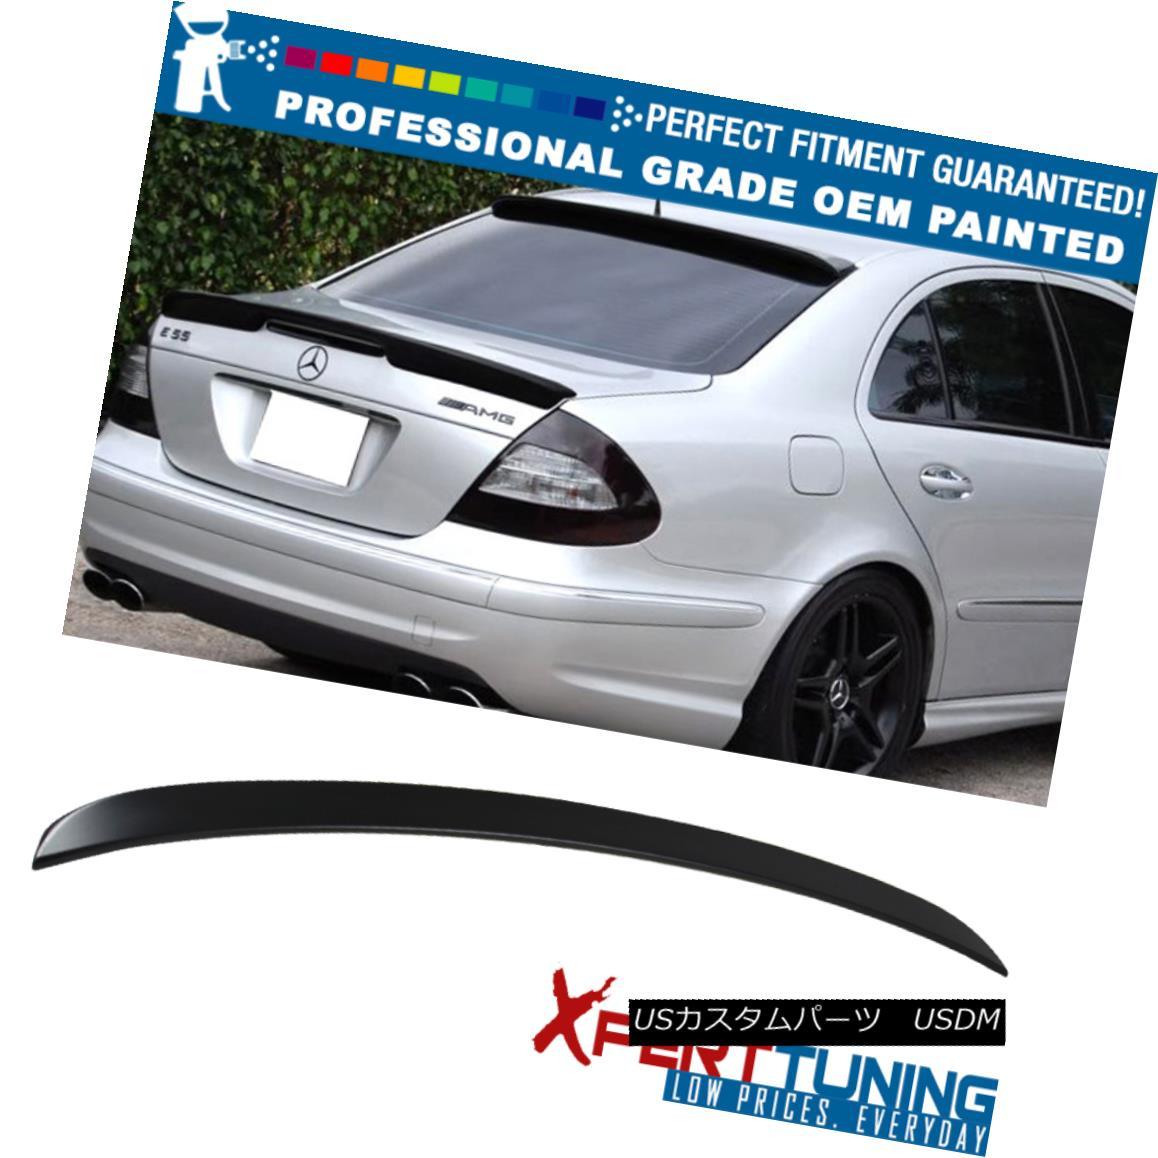 エアロパーツ 03-09 E-Class W211 4Dr L Style Painted ABS Trunk Spoiler - OEM Painted Color 03-09 EクラスW211 4Dr Lスタイル塗装ABSトランク・スポイラー - OEM塗装カラー